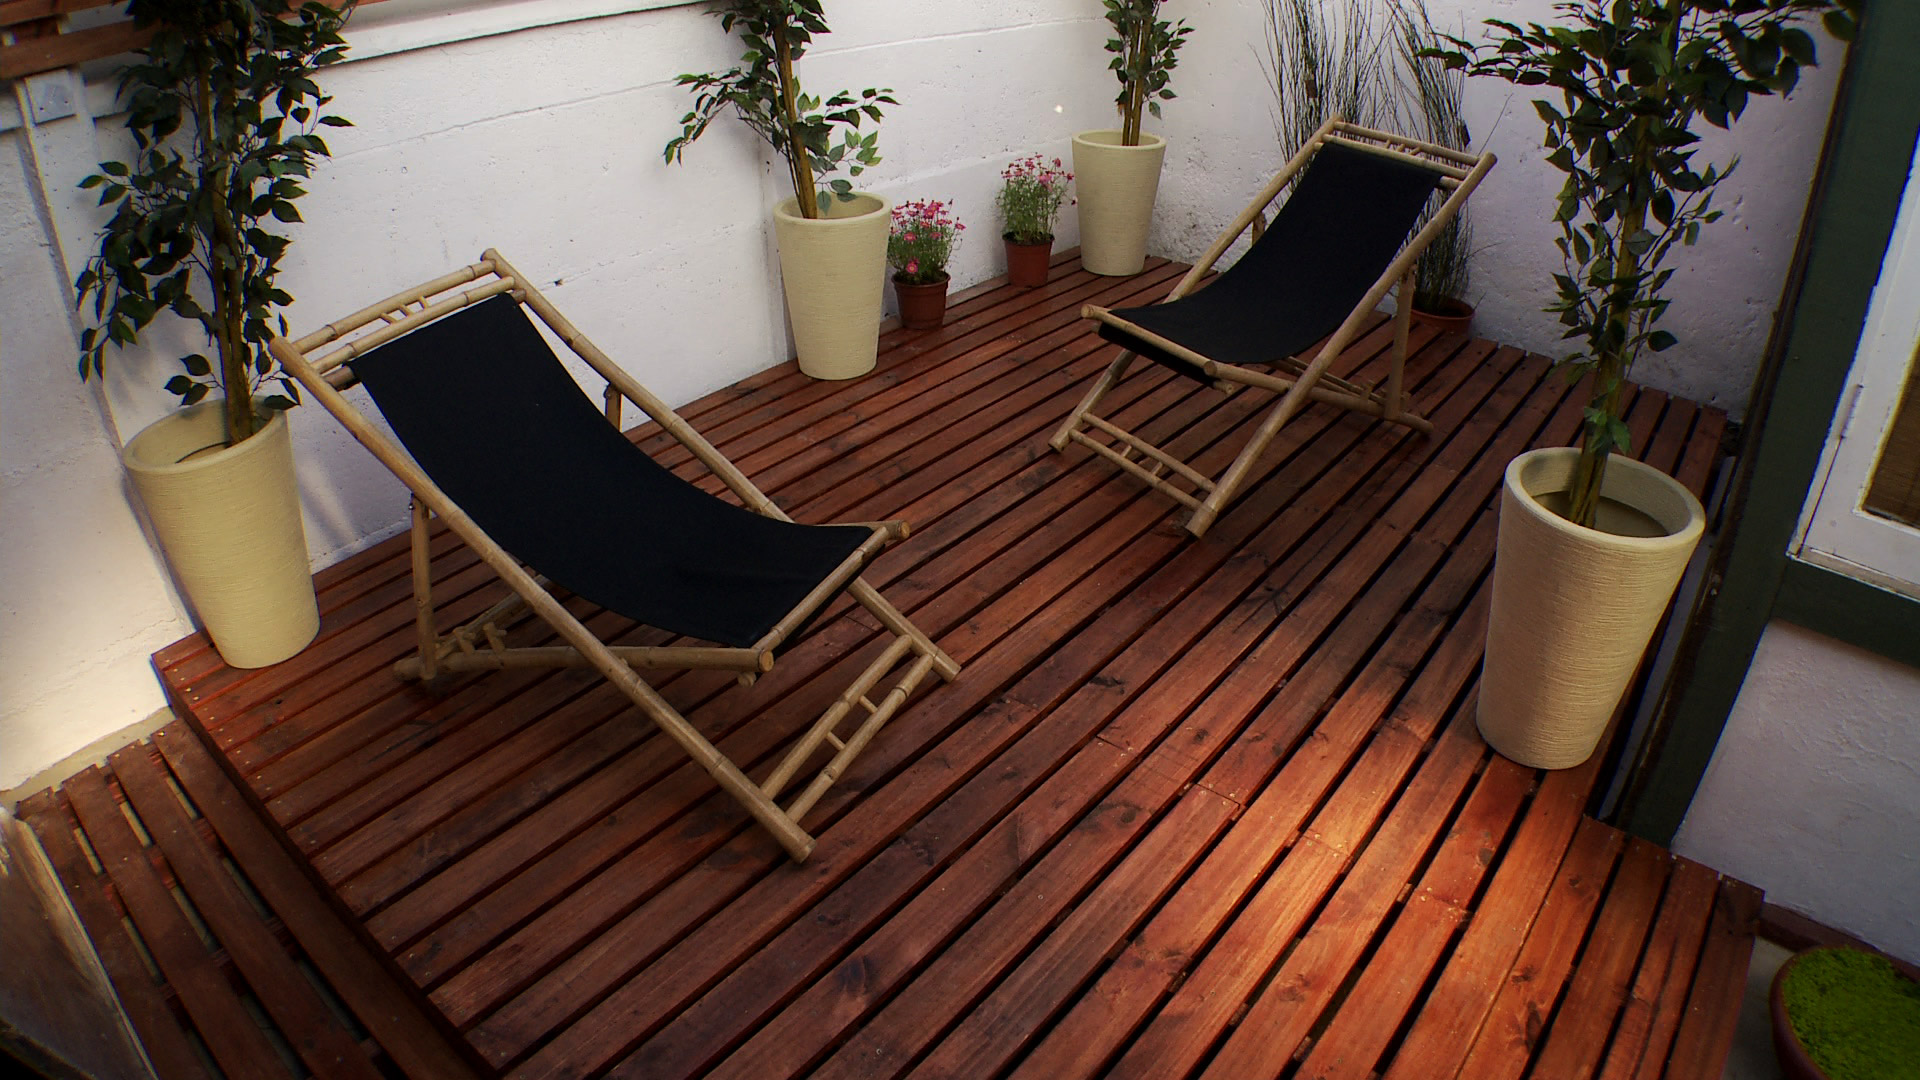 Un deck es una terraza de madera, que puede estar elevada sobre el terreno o a nivel del piso, en este caso la que enseñaremos es para hacer sobre un radier. Además, son los mismos pasos y materiales que se necesitan para construir el entramado de un piso de una ampliación, o de cualquier habitación proyectada sobre radier.